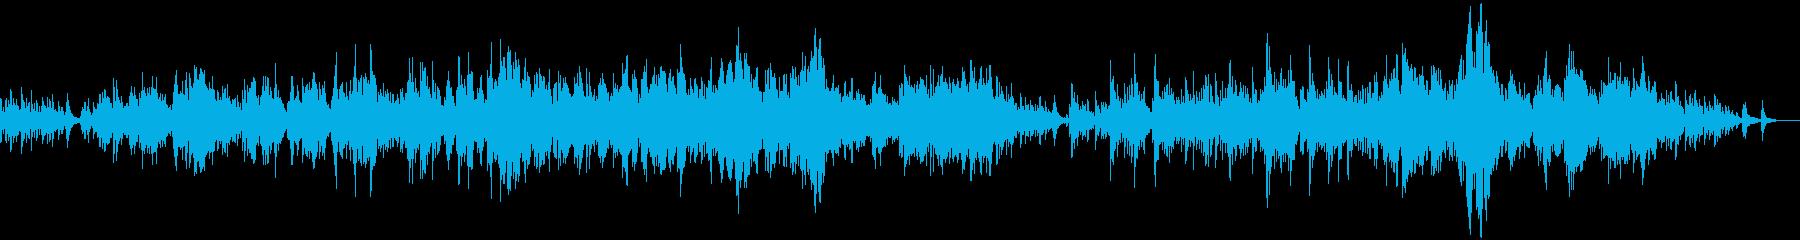 バイオリンとピアノの優しく切ない生演奏の再生済みの波形